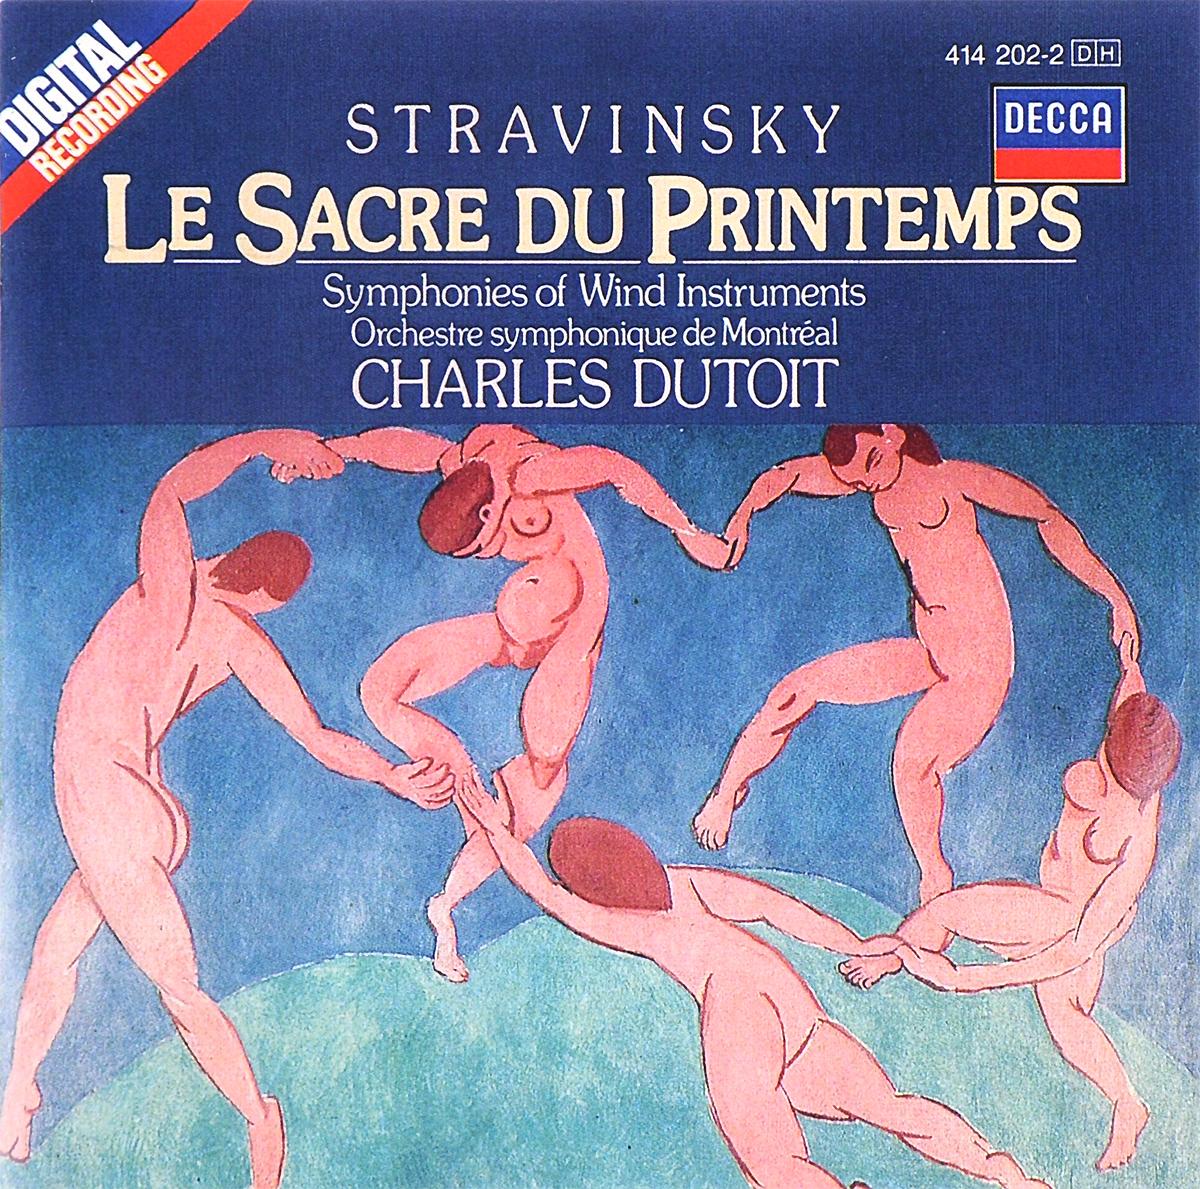 Orchestre Symphonique De Montreal,Шарль Дютуа Charles Dutoit. Stravinsky. Le Sacre Du Printemps / Symphonies Of Wind Instruments цена